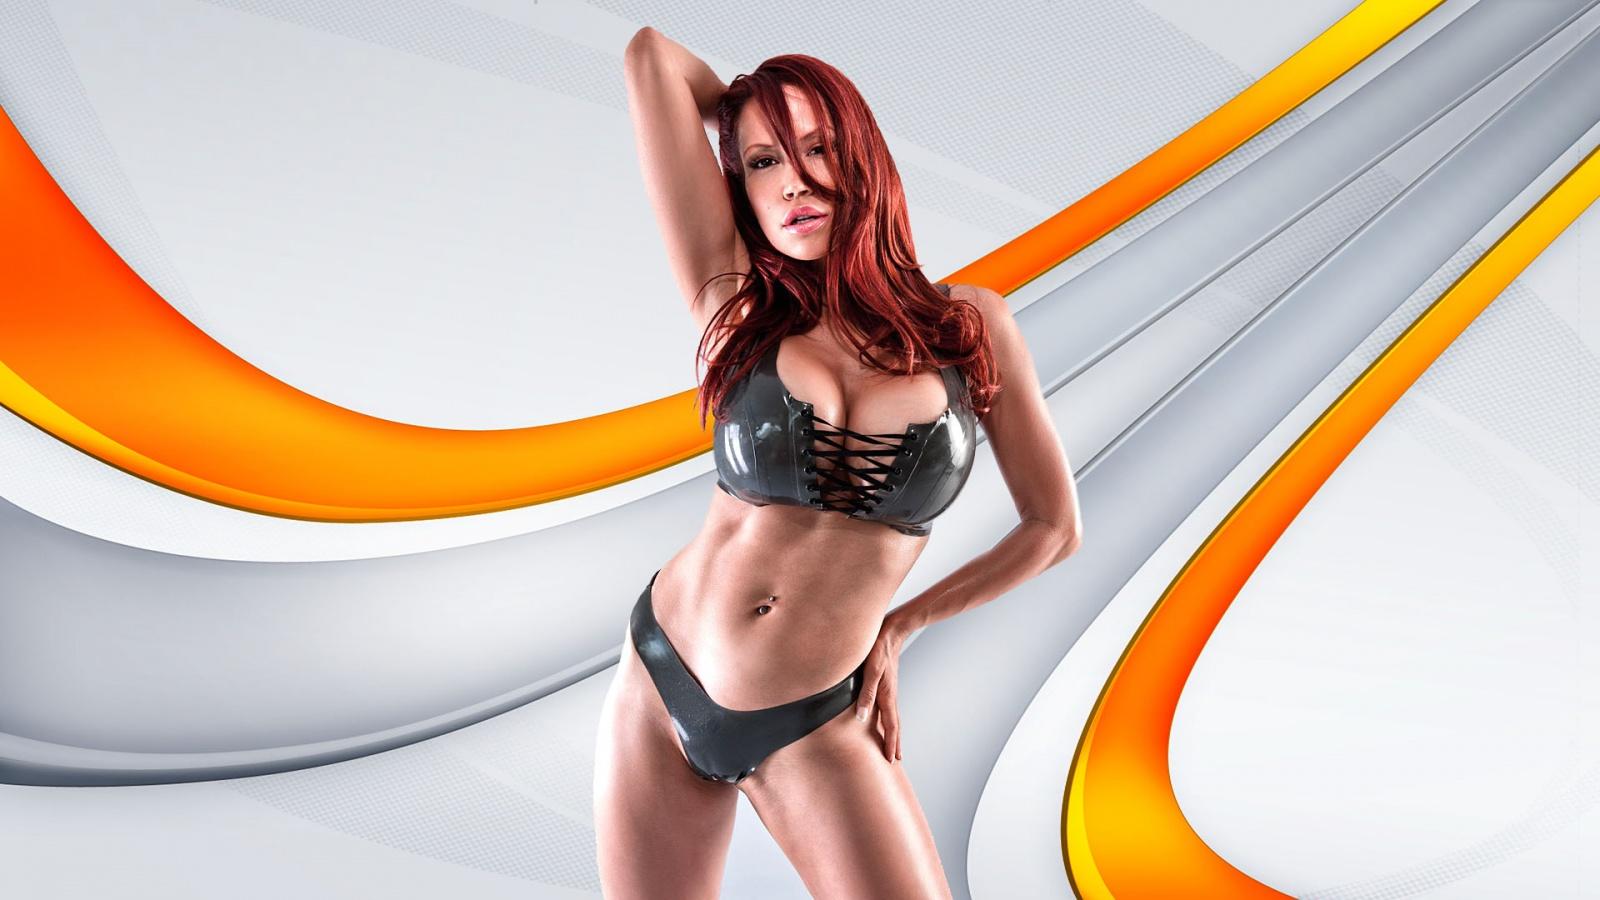 Redhead porn star nude busty